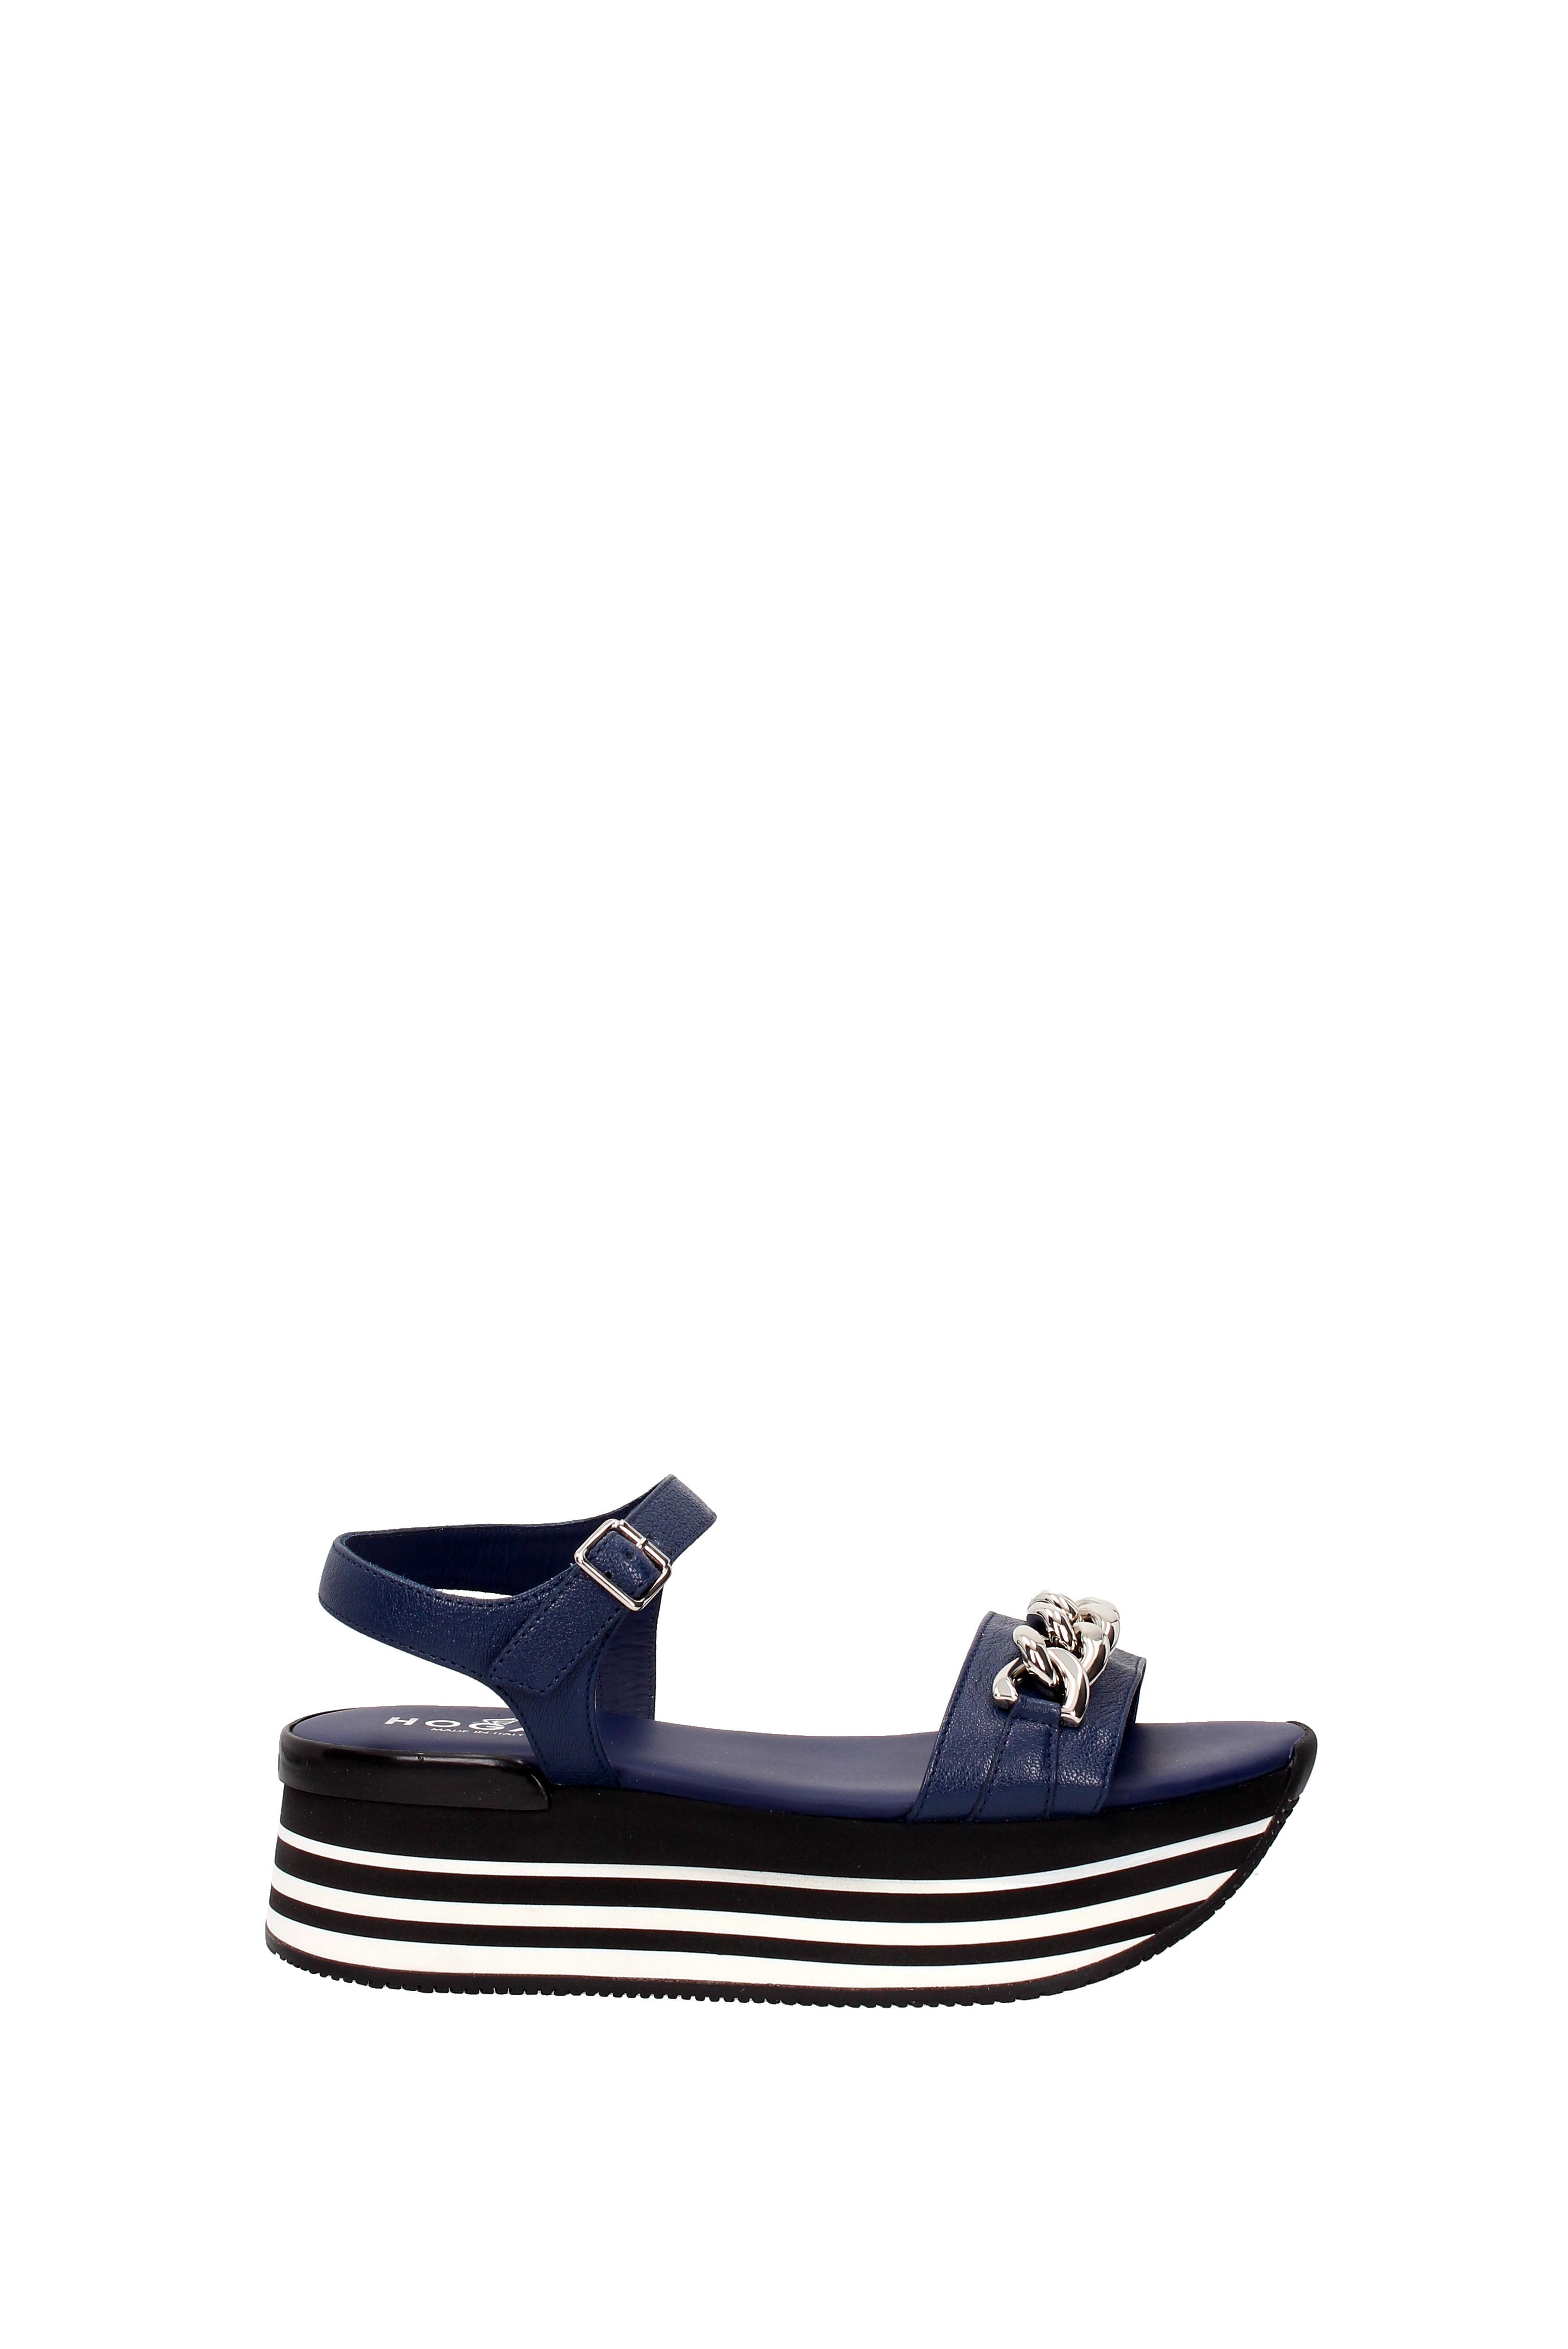 Alta qualit Sneakers Hogan Donna Pelle HXW2940Y060BUV vendita